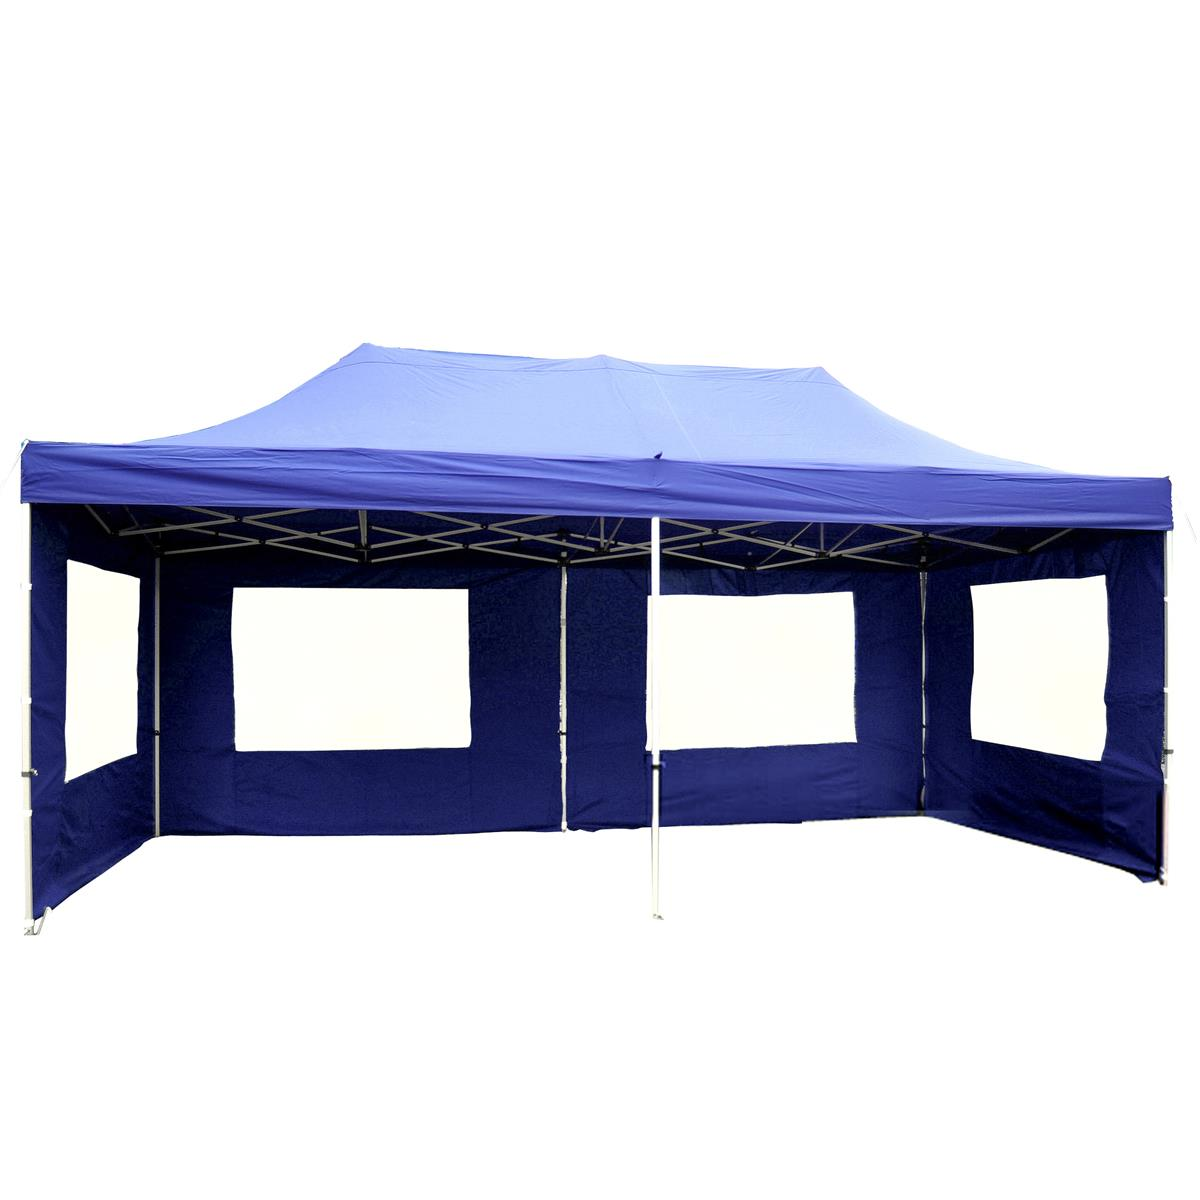 PROFI Faltpavillon B-WARE Partyzelt 3x6 m blau Seitenteile Dach wasserdicht